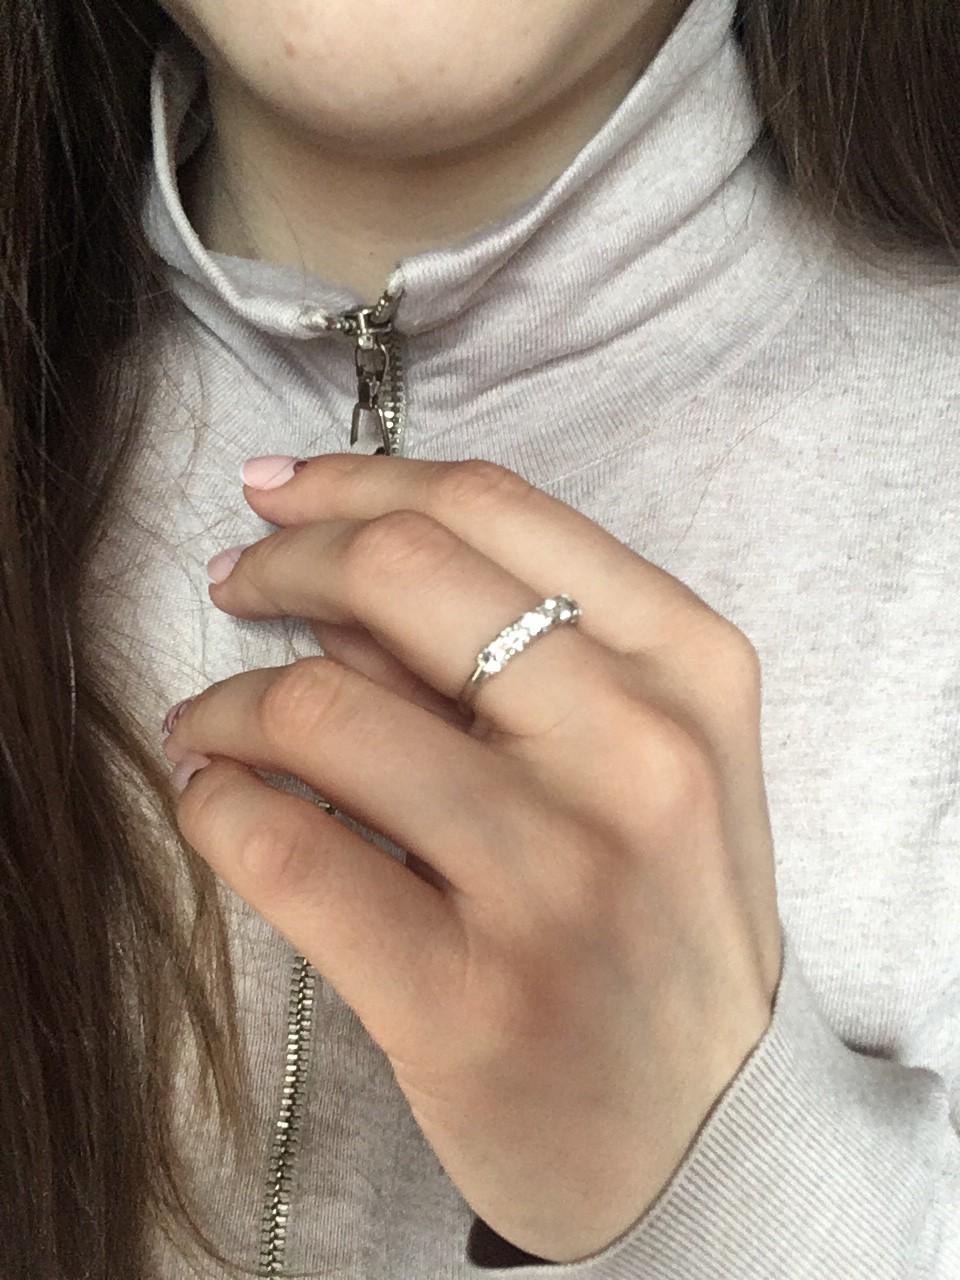 Это кольцо-моя сбывшаяся мечта, благодаря sunlight. оно идеальное.